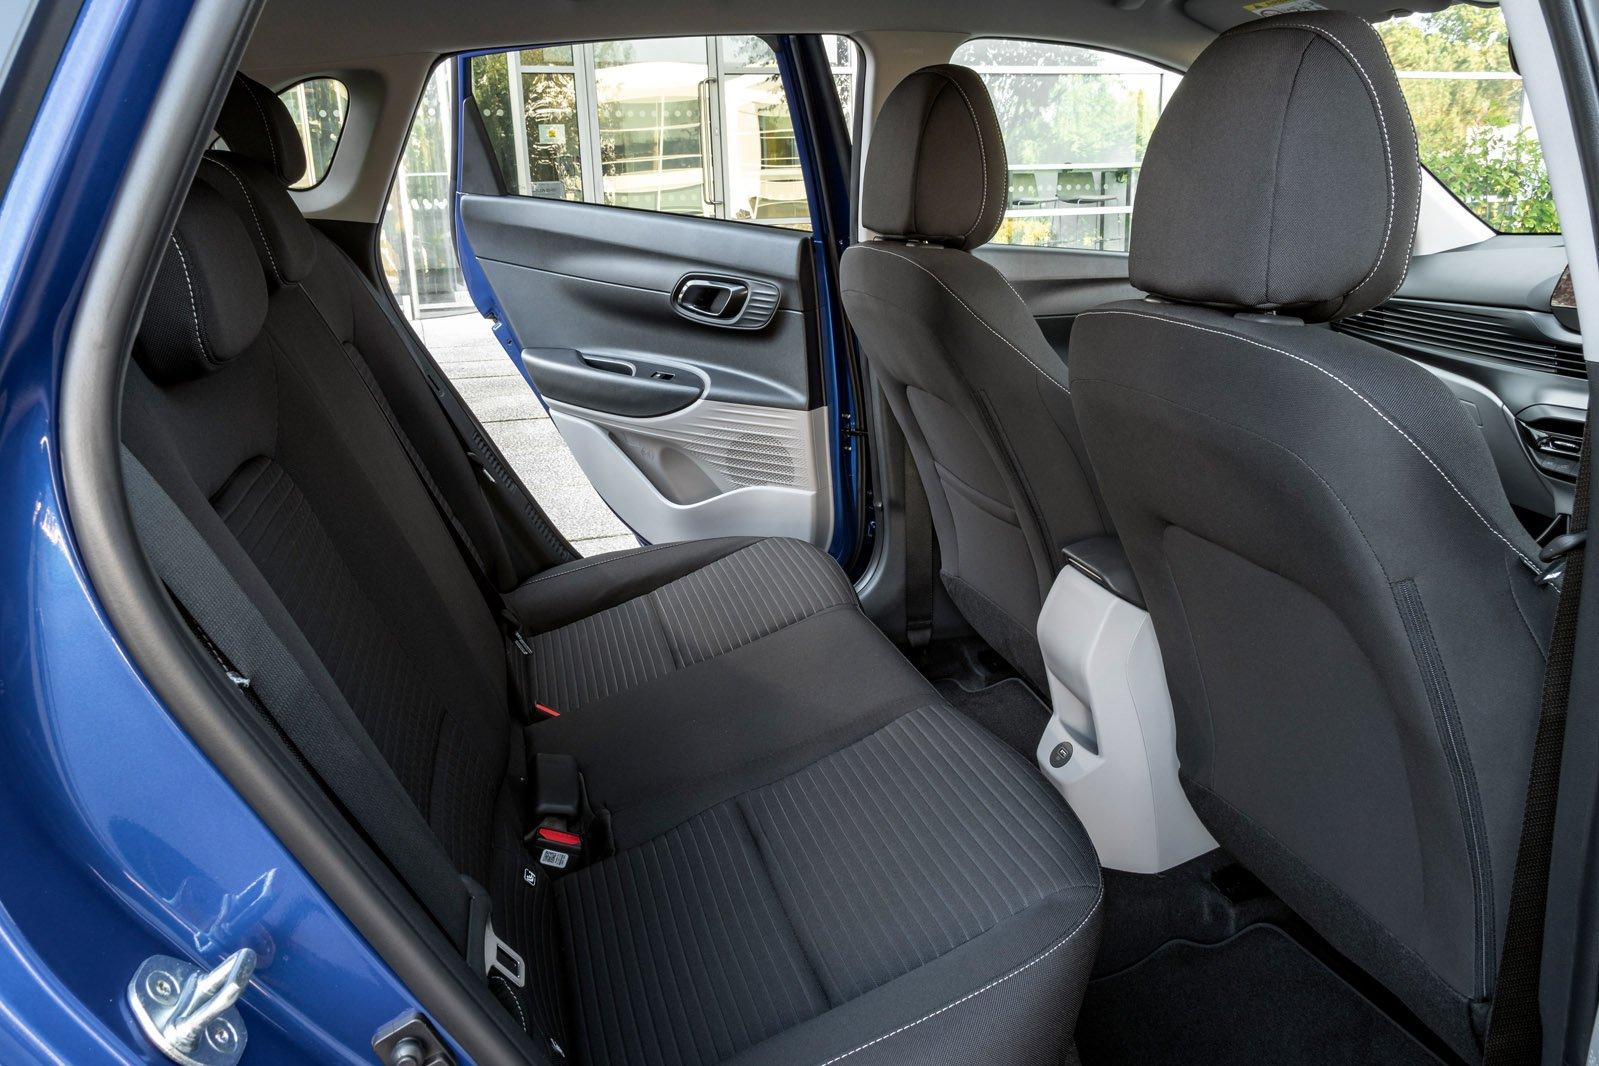 Hyundai i20 2020 rear seats